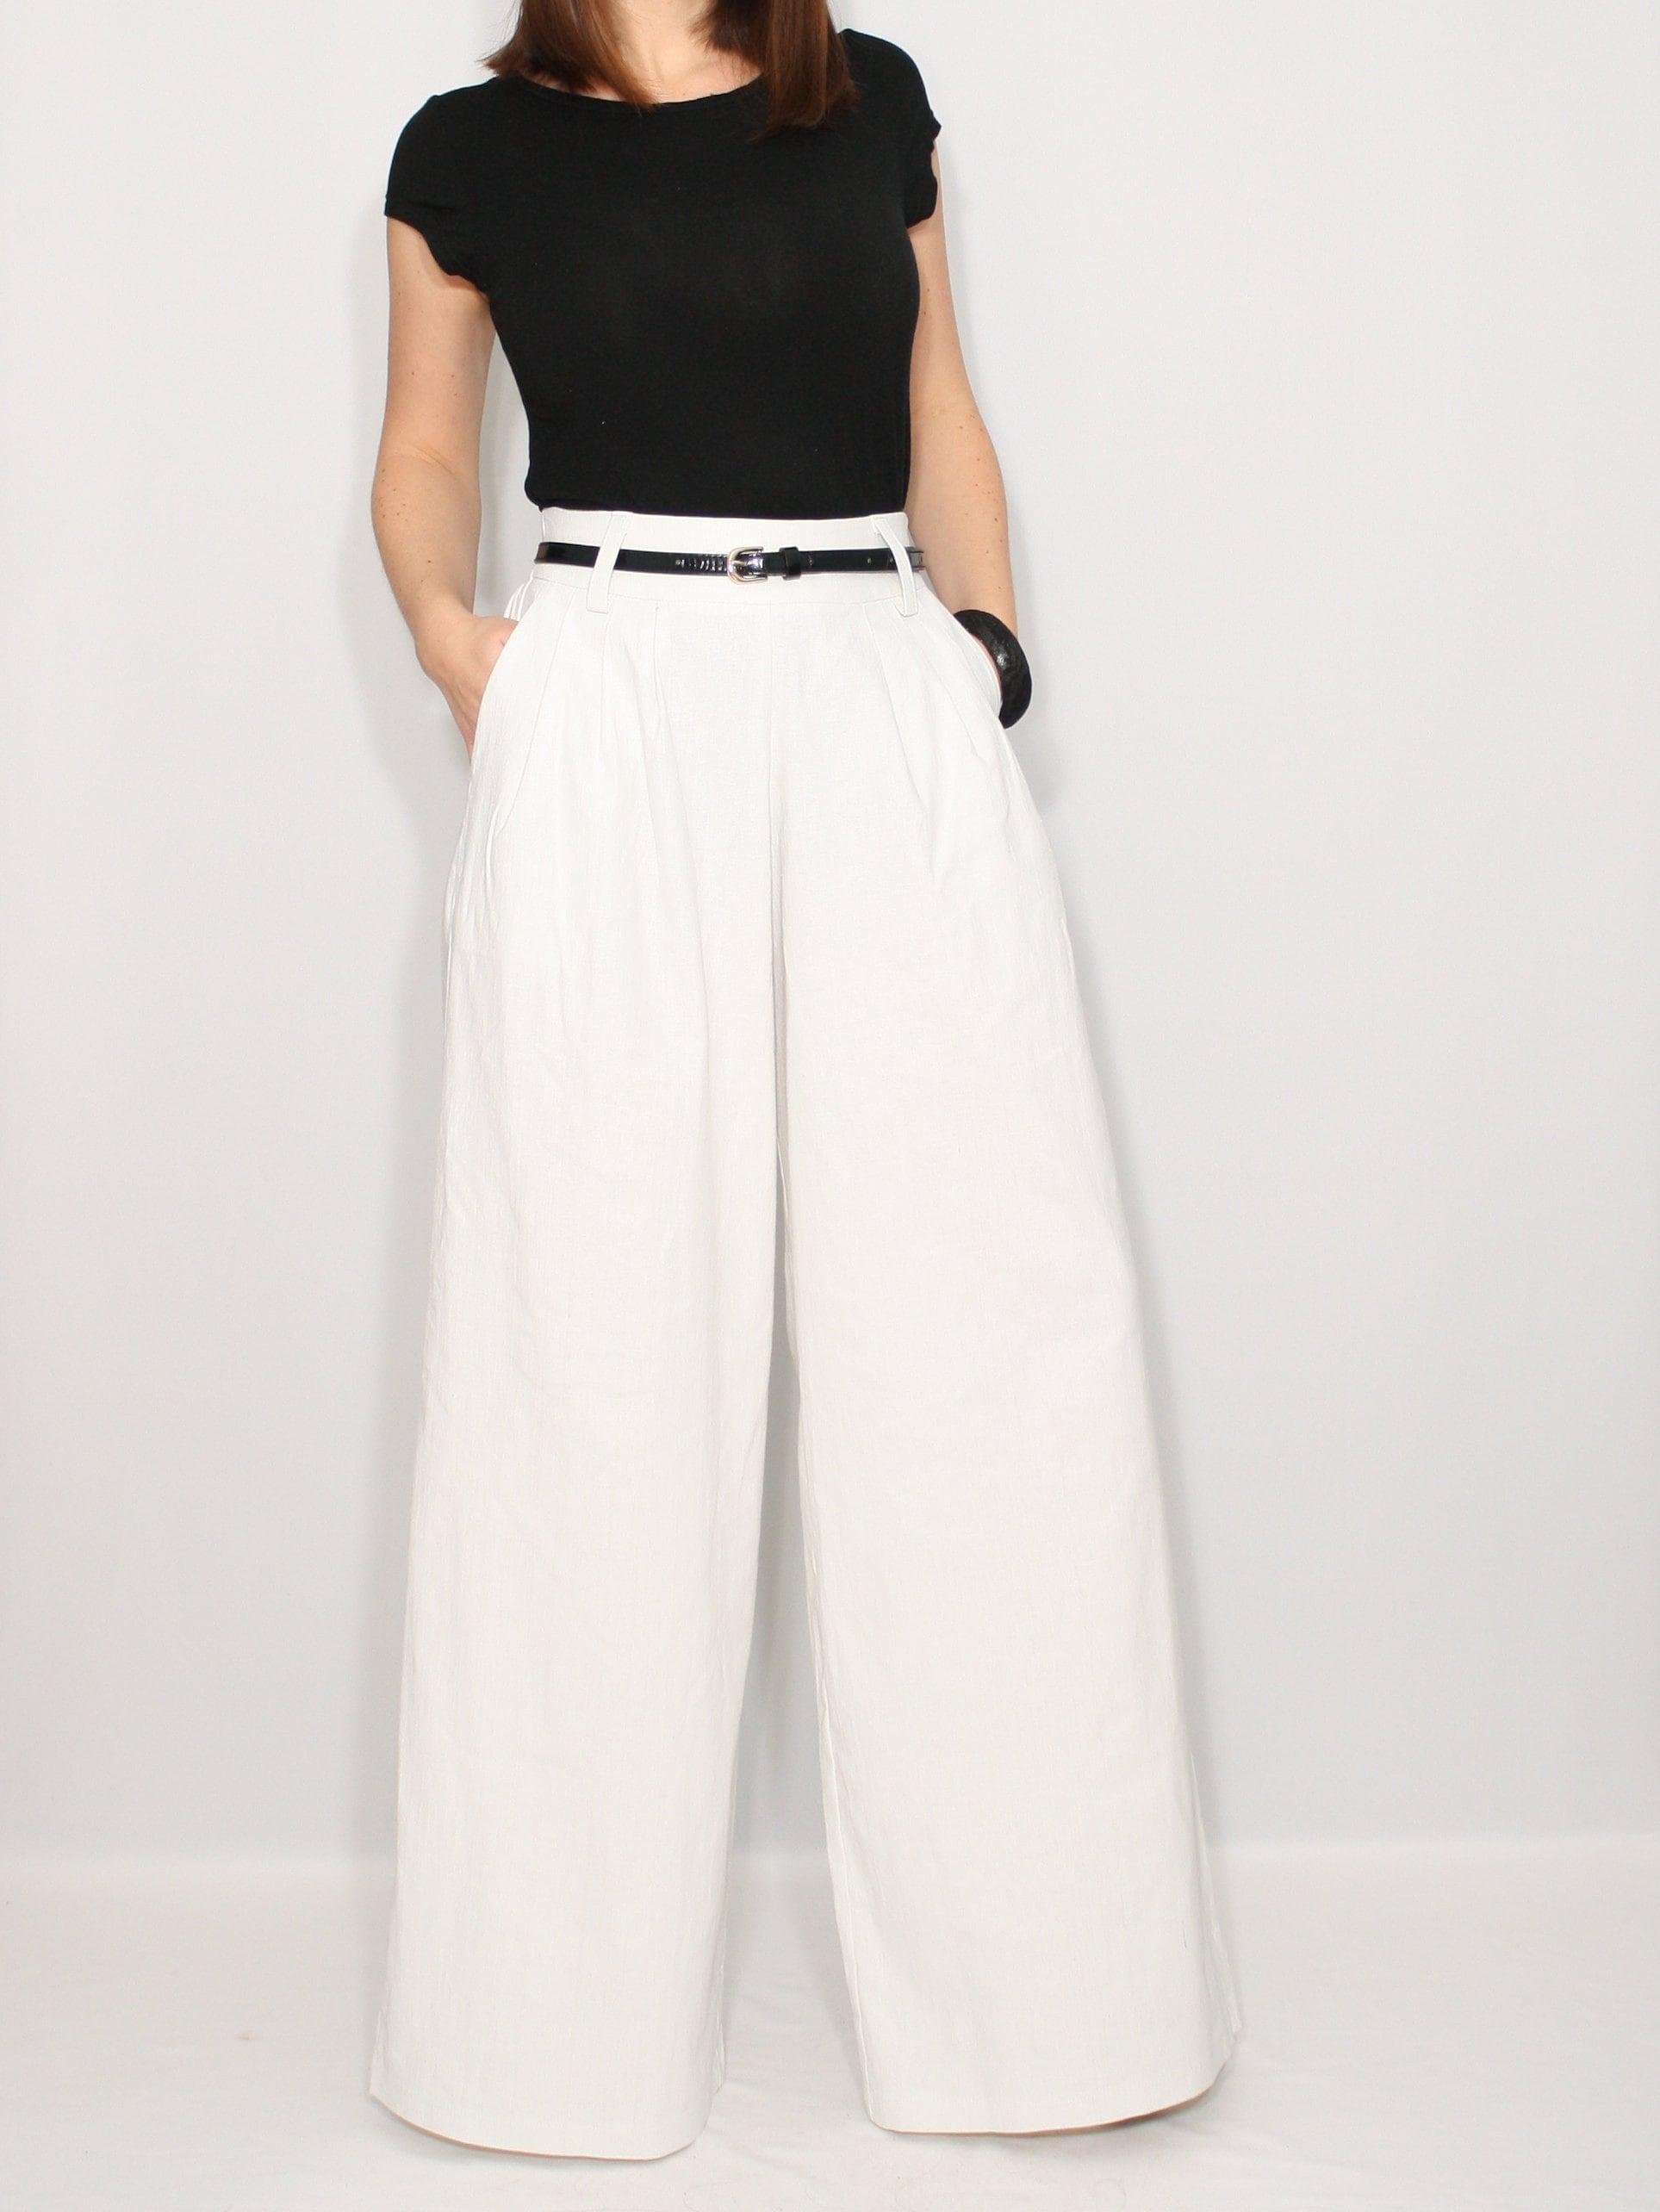 a5b206f8871 White linen pants wide leg pants white pants